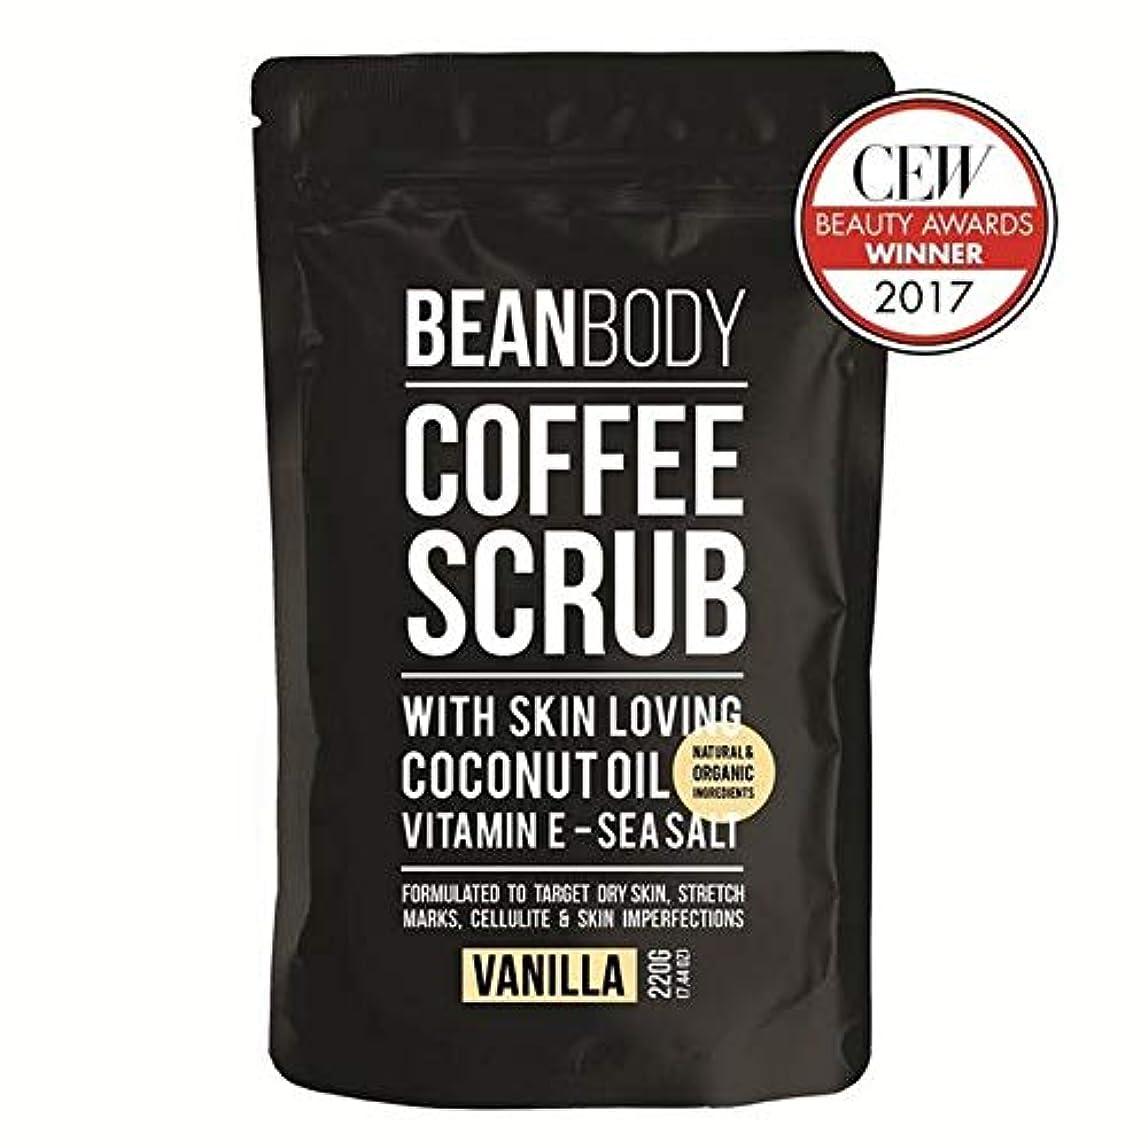 影ちょうつがい振る[Bean Body ] 豆のボディスクラブコーヒー、バニラ220グラム - Bean Body Coffee Scrub, Vanilla 220g [並行輸入品]